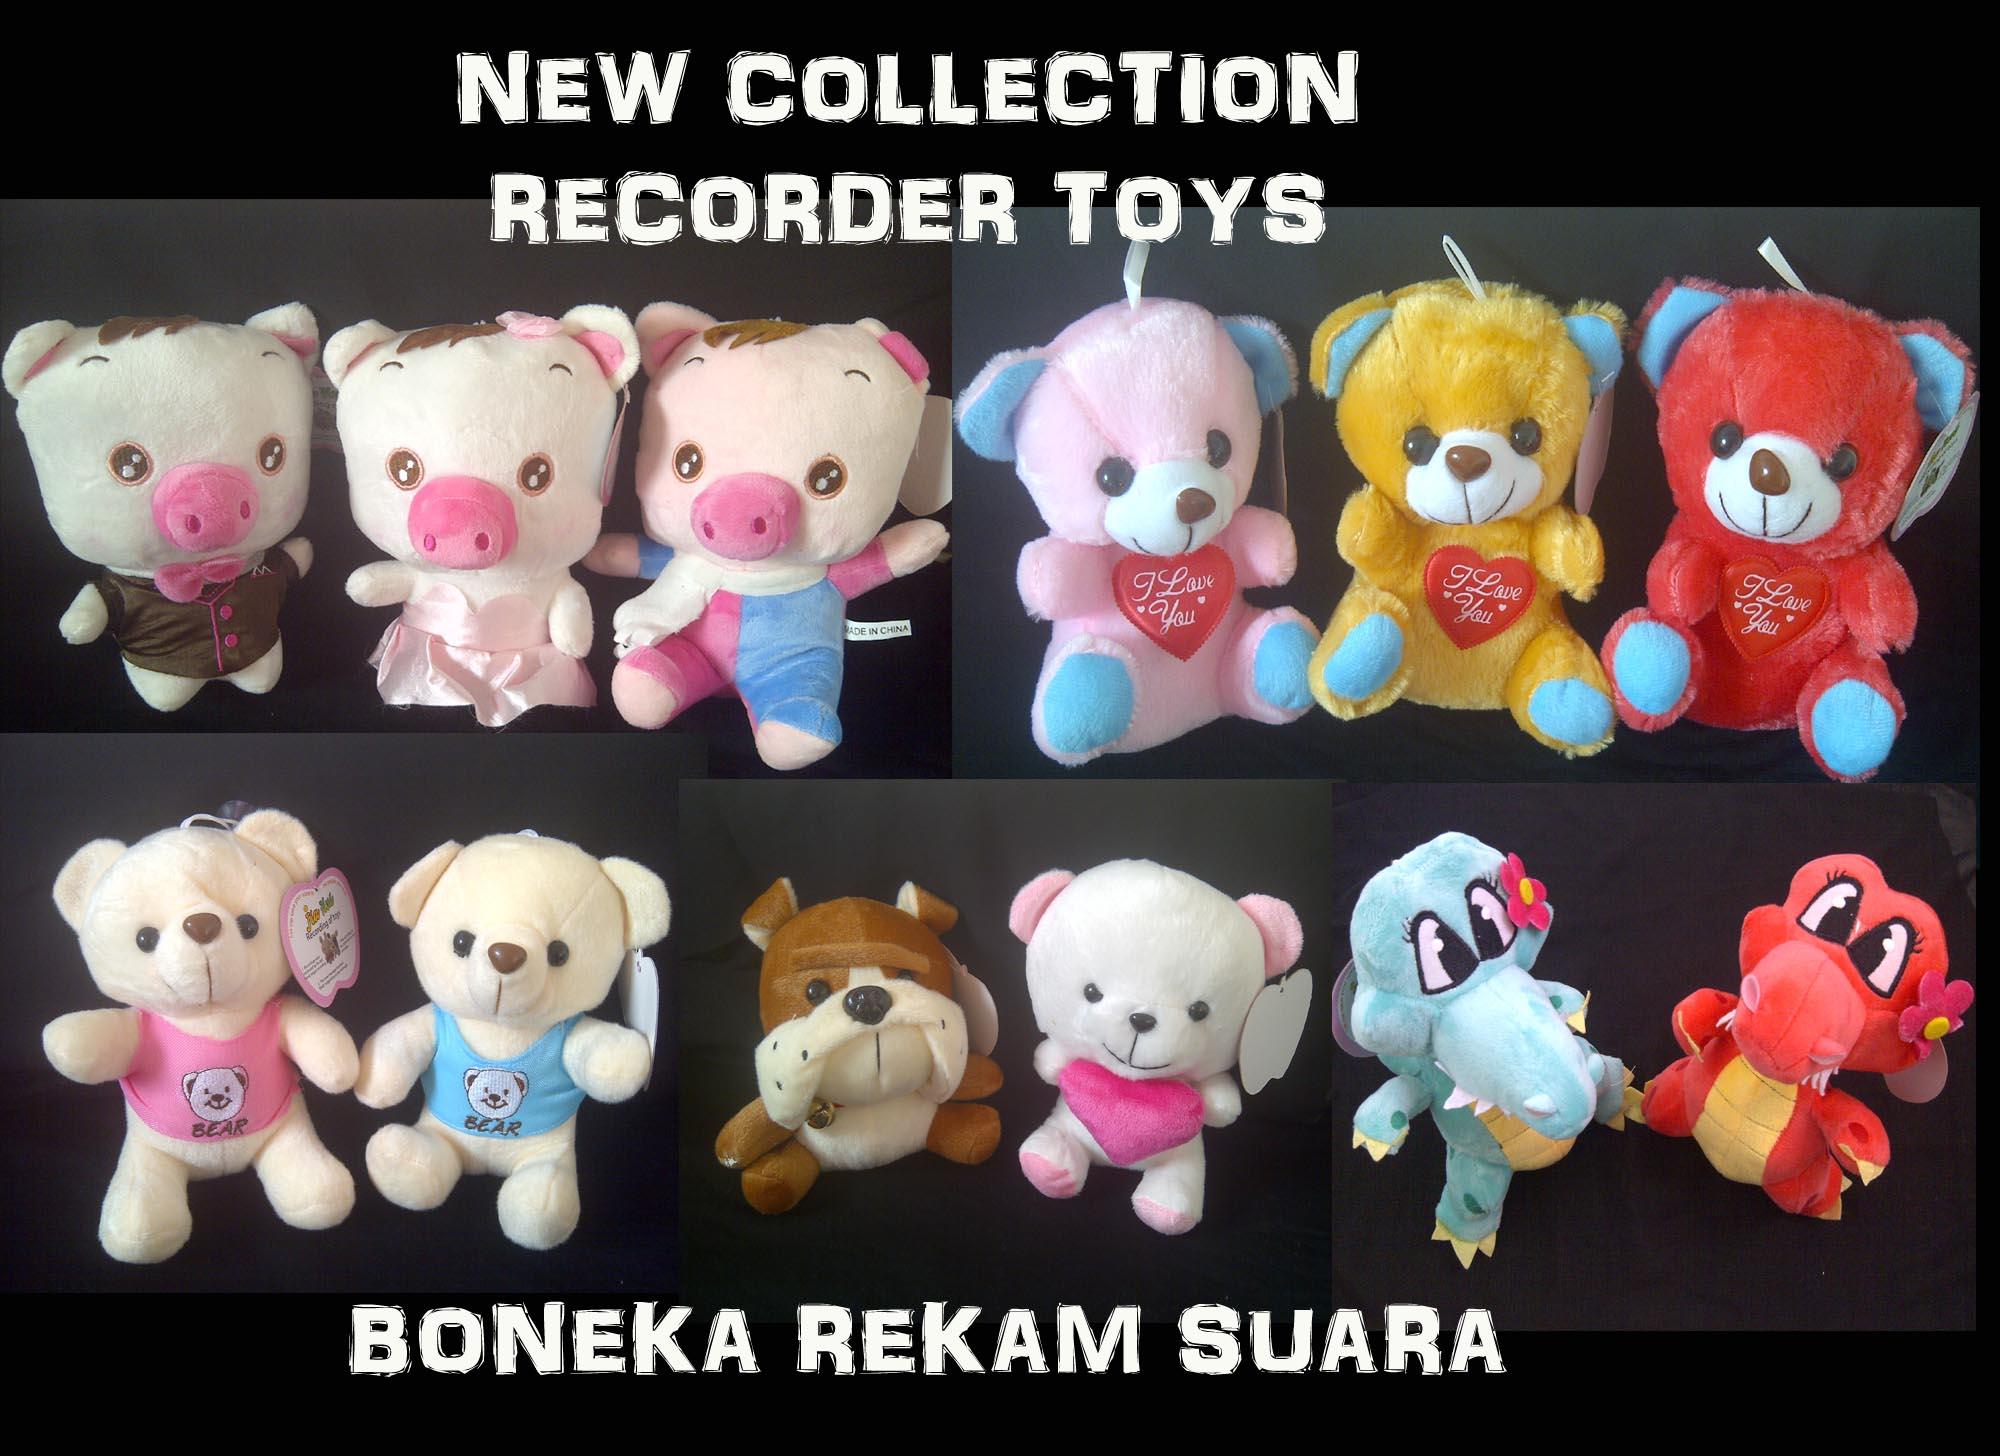 Boneka Rekam Suara New Character - 280